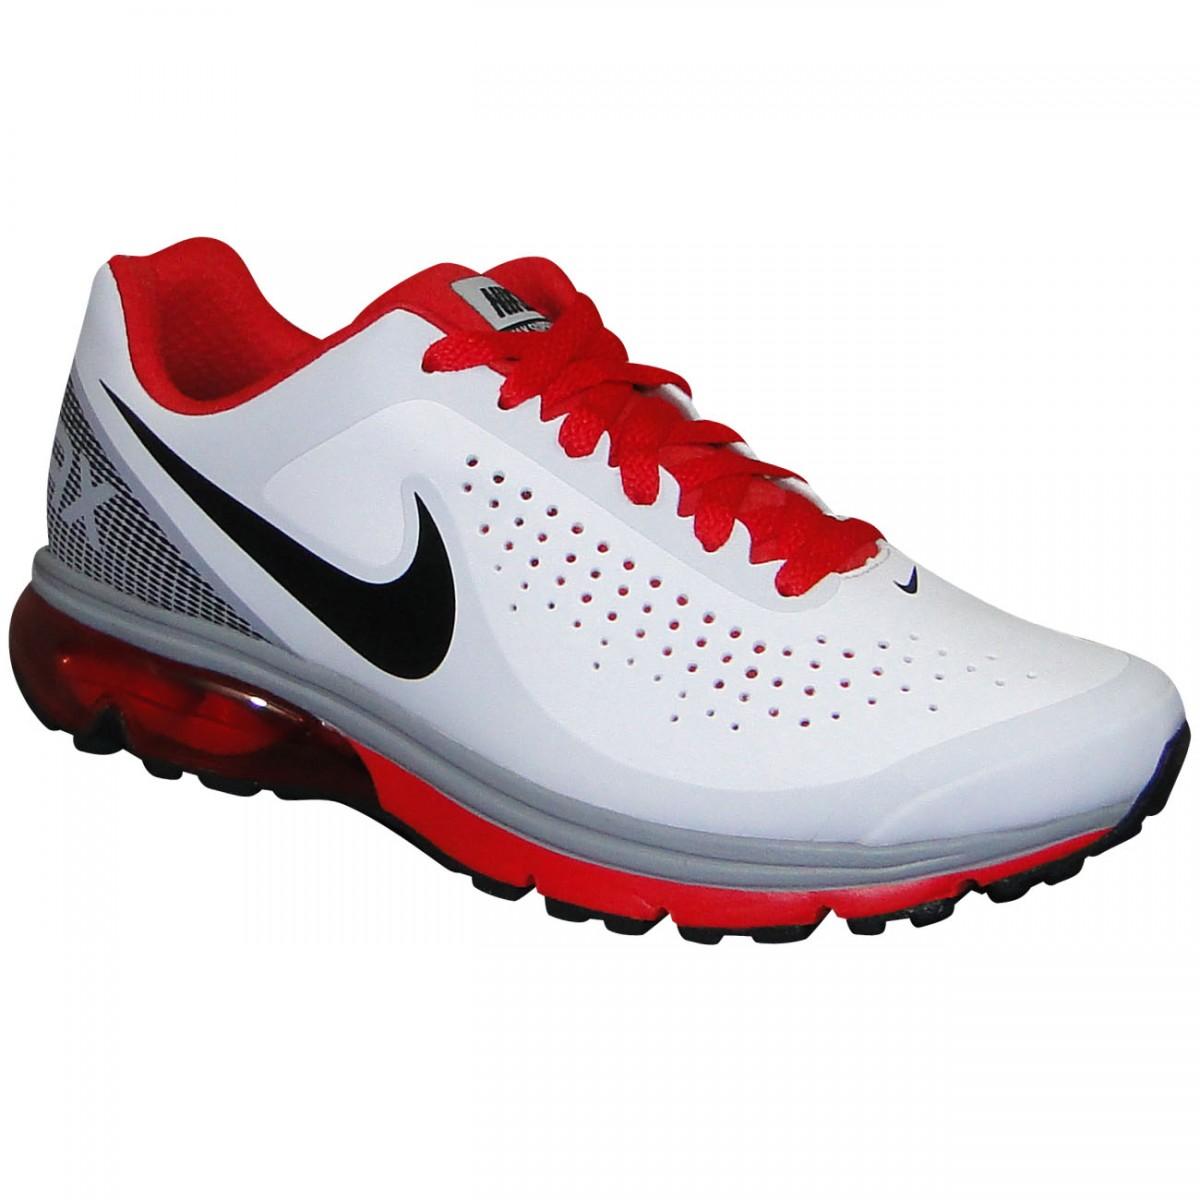 951ddbee295 Tenis Nike Air Max Supreme 2 633024-100 - Branco Preto Vermelho ...